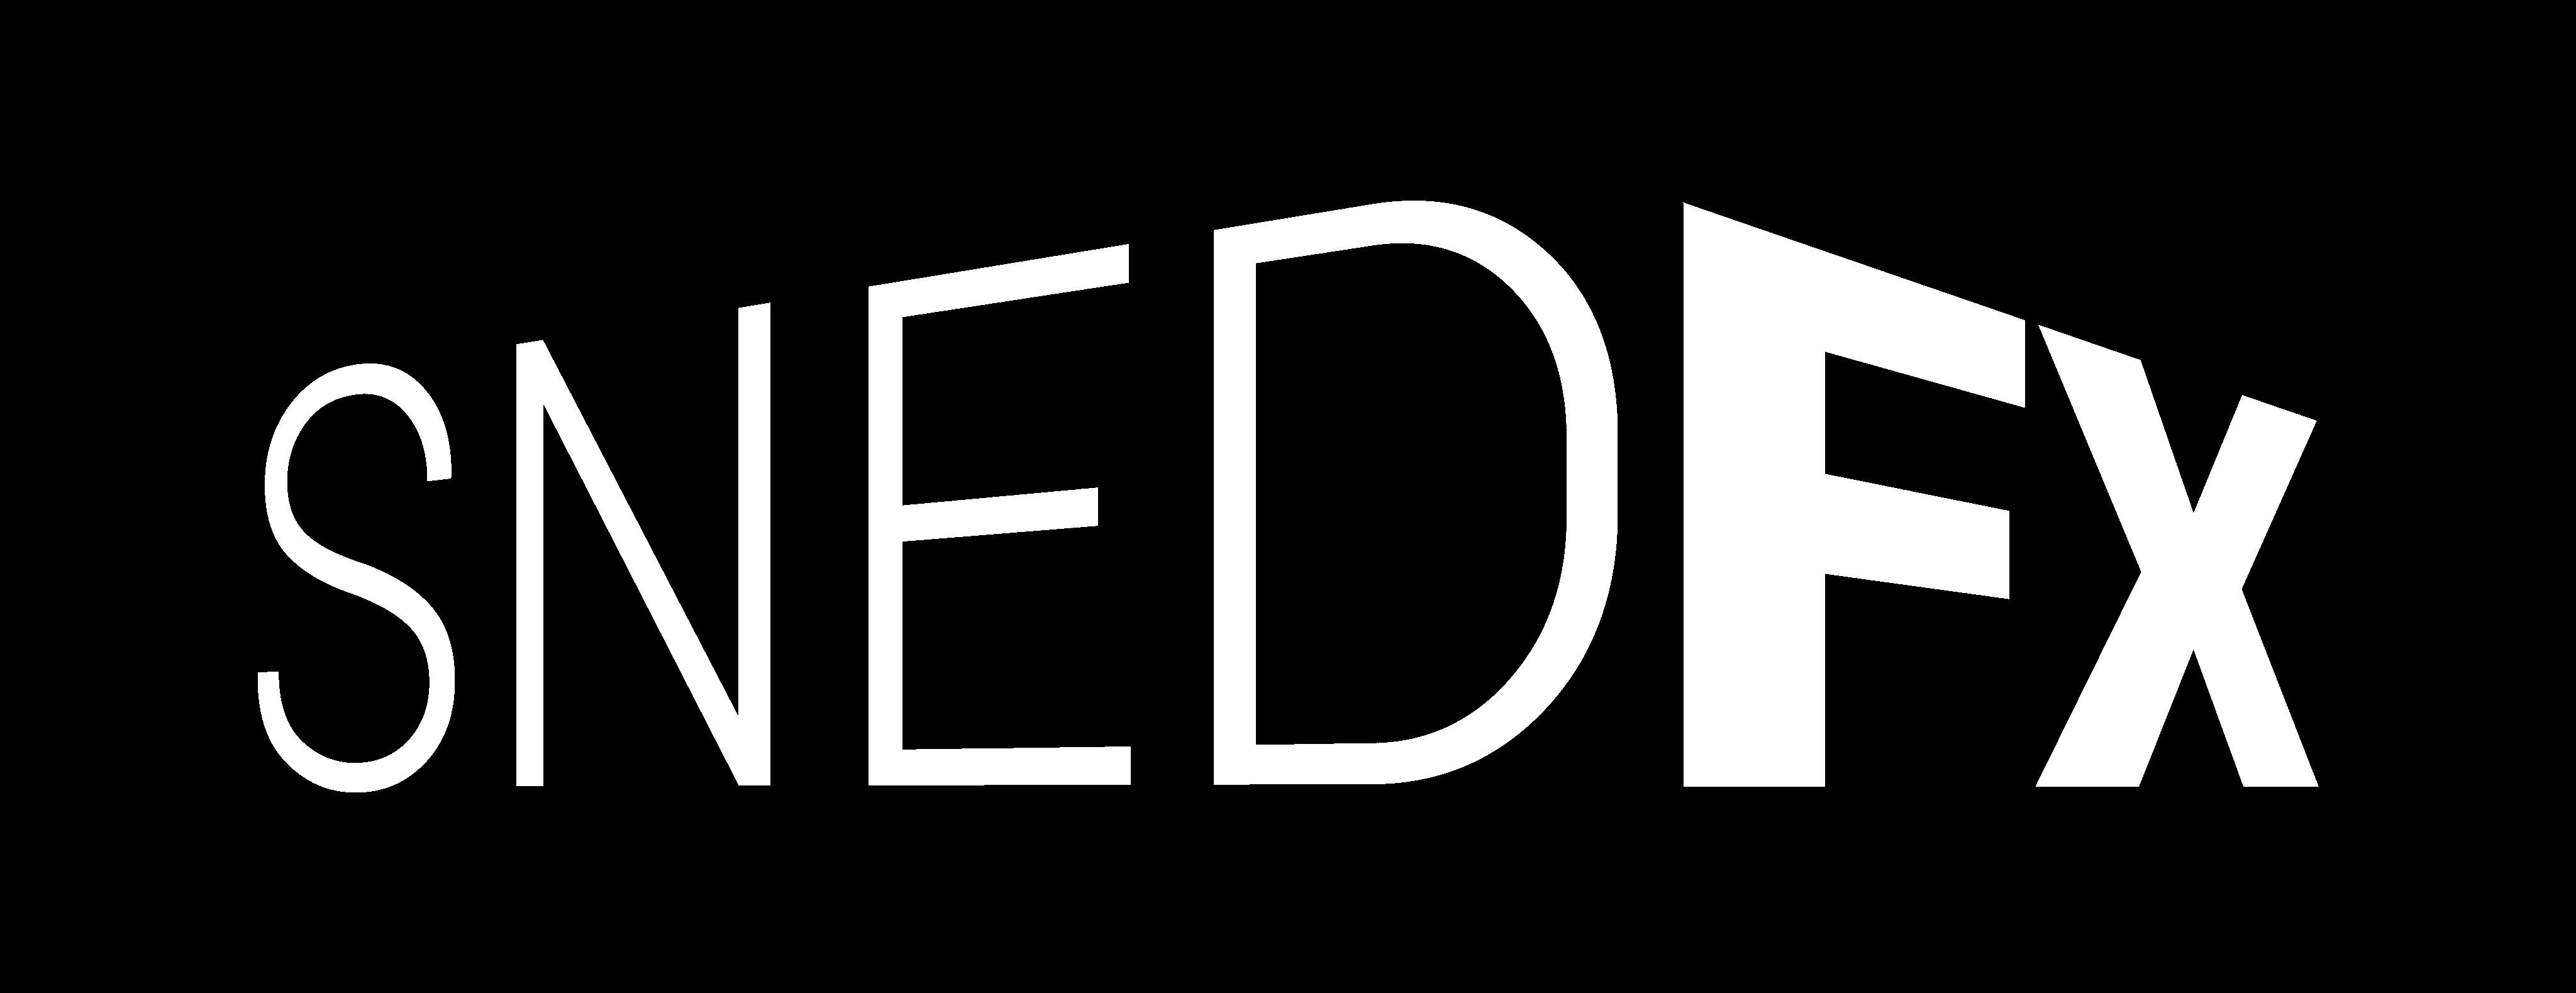 Sned FX